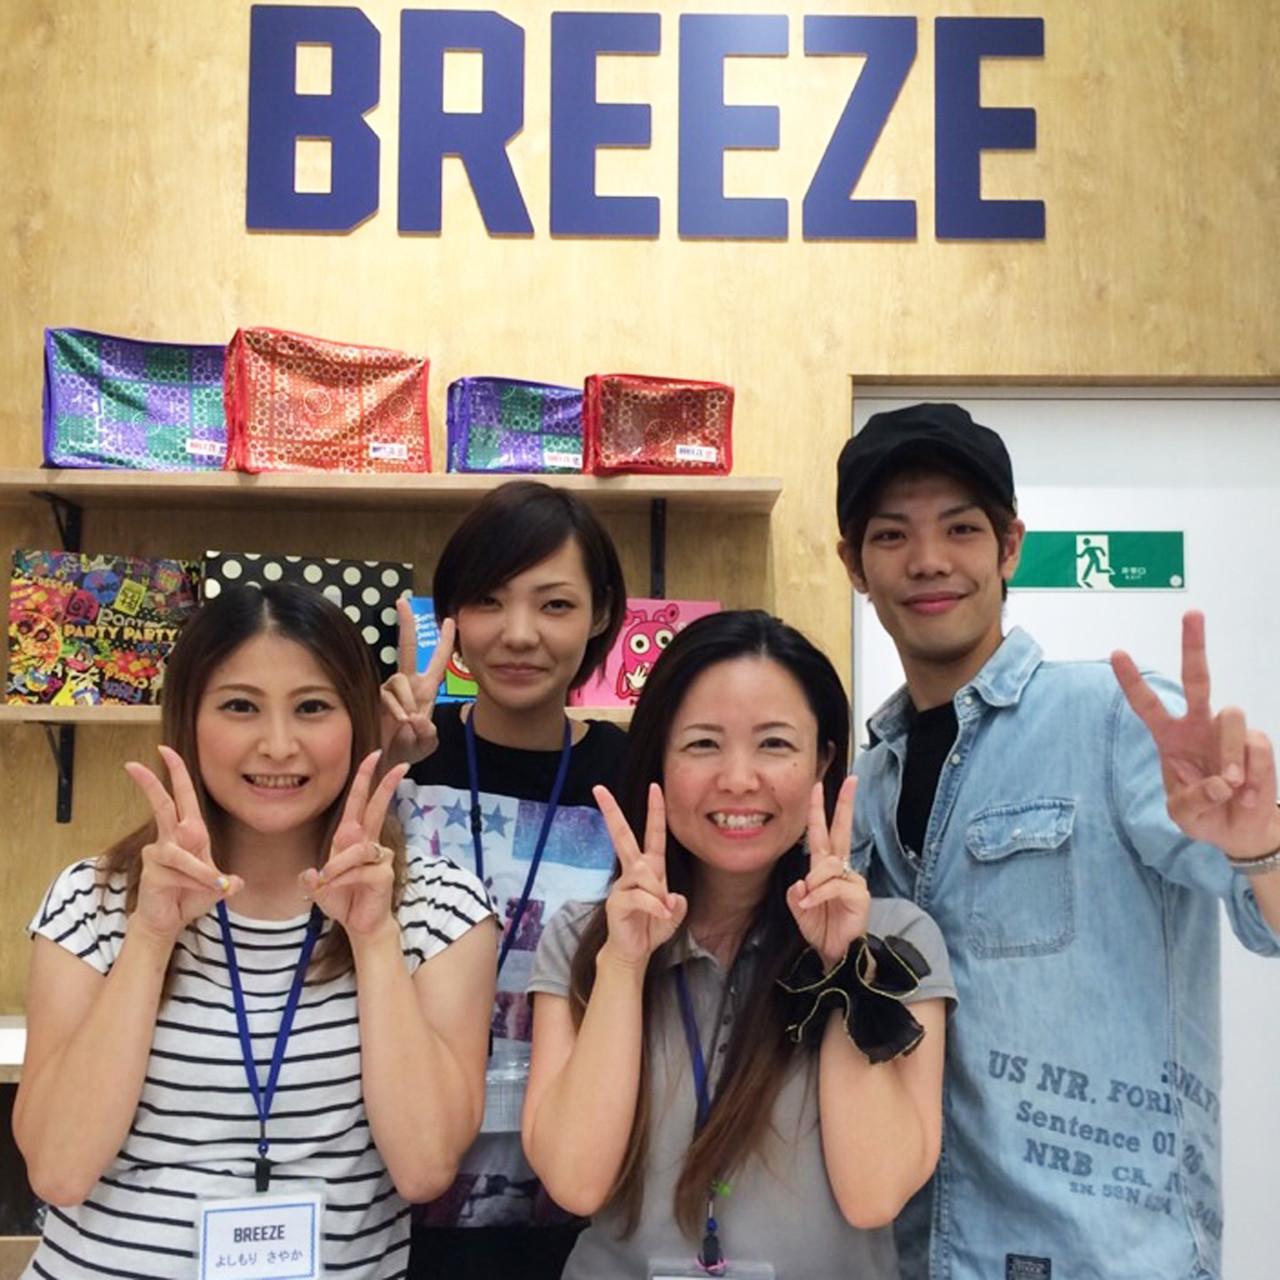 BREEZE イオンモール沖縄ライカム店